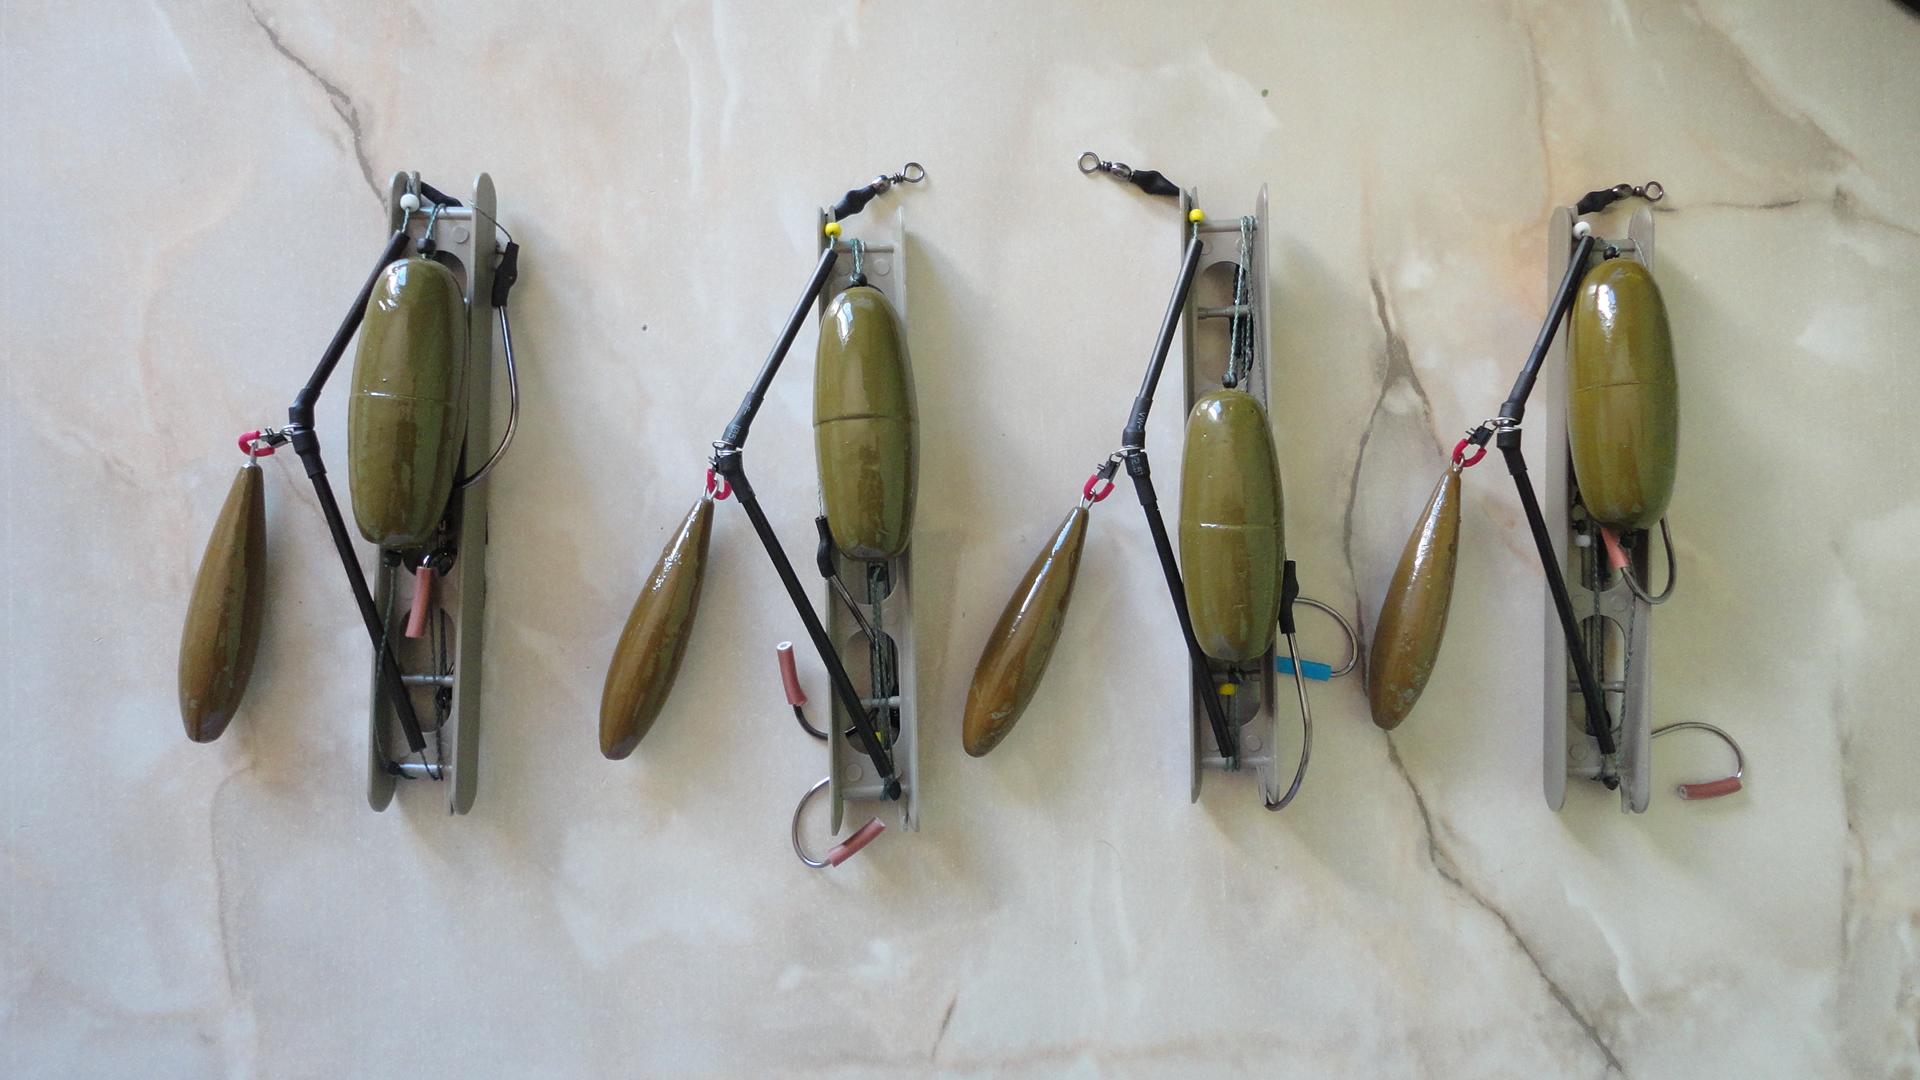 Как сделать перемет и ловить рыбу, не нарушая закон? 79